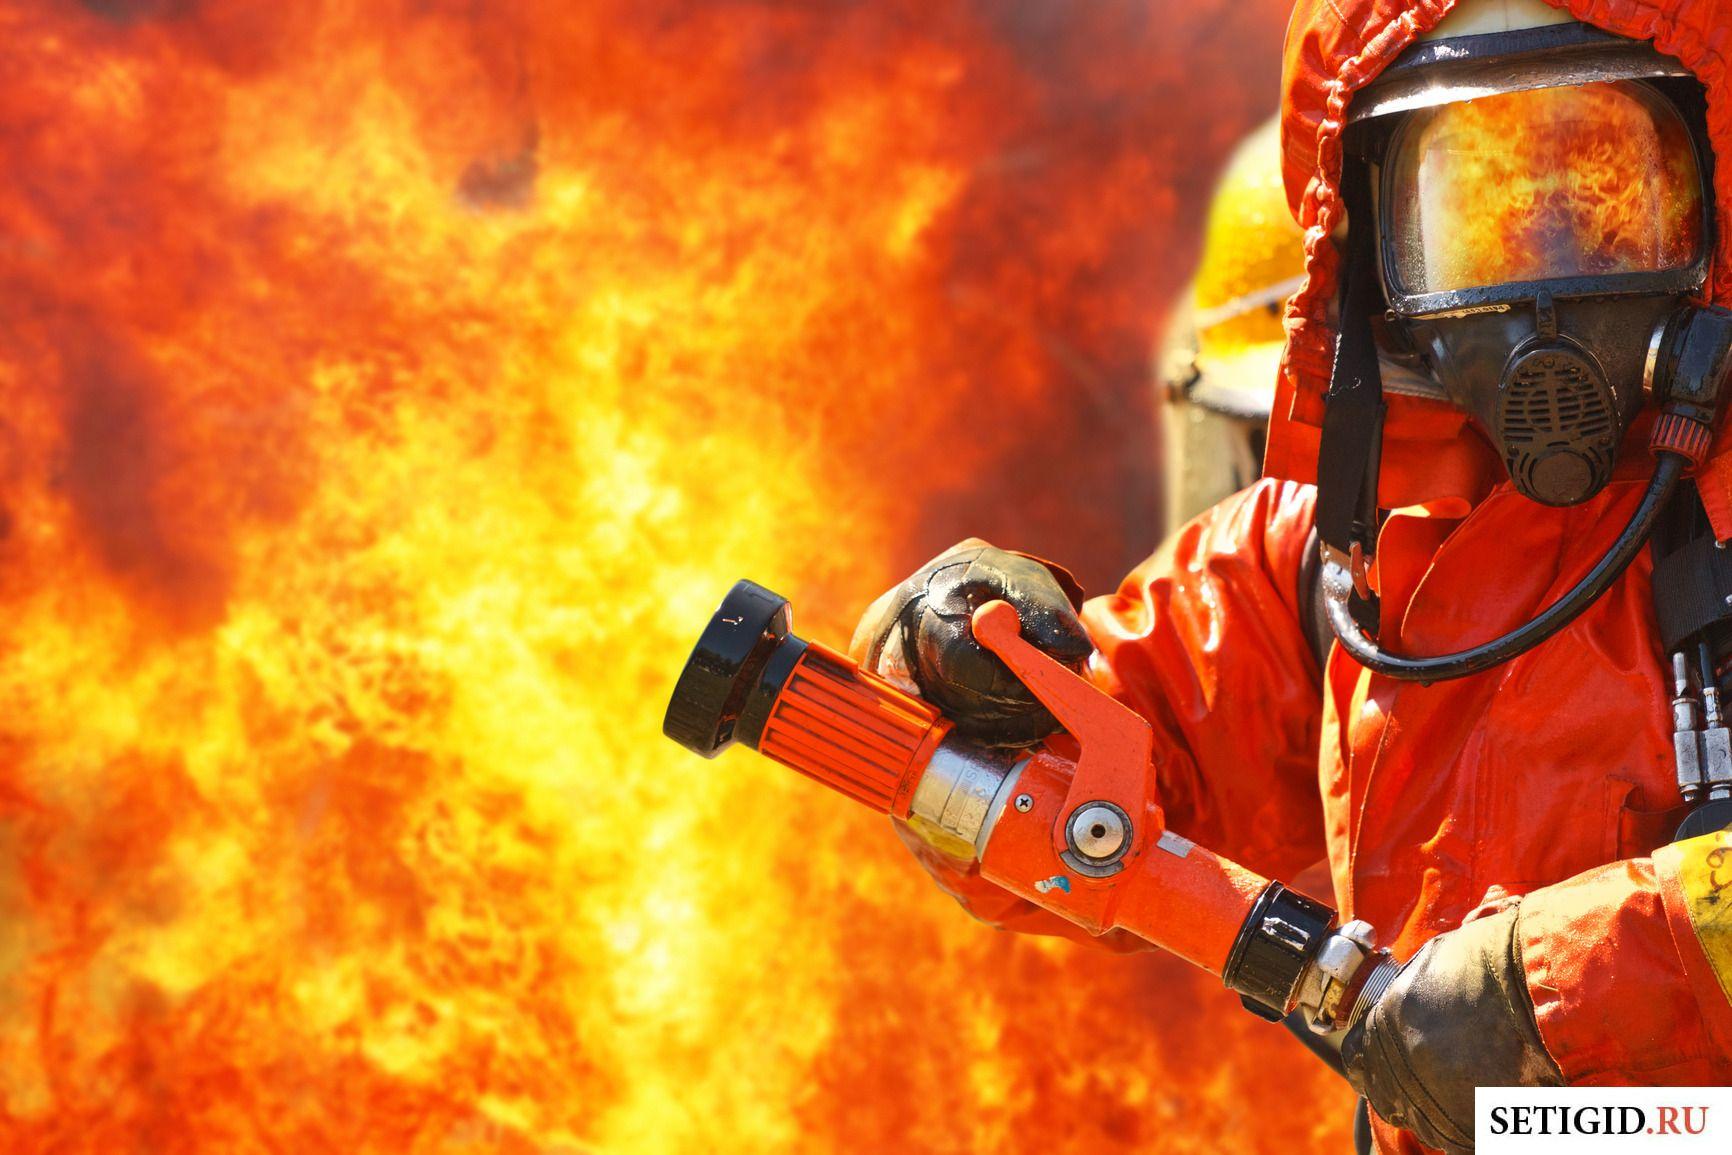 Пожарный в форме тушит огонь